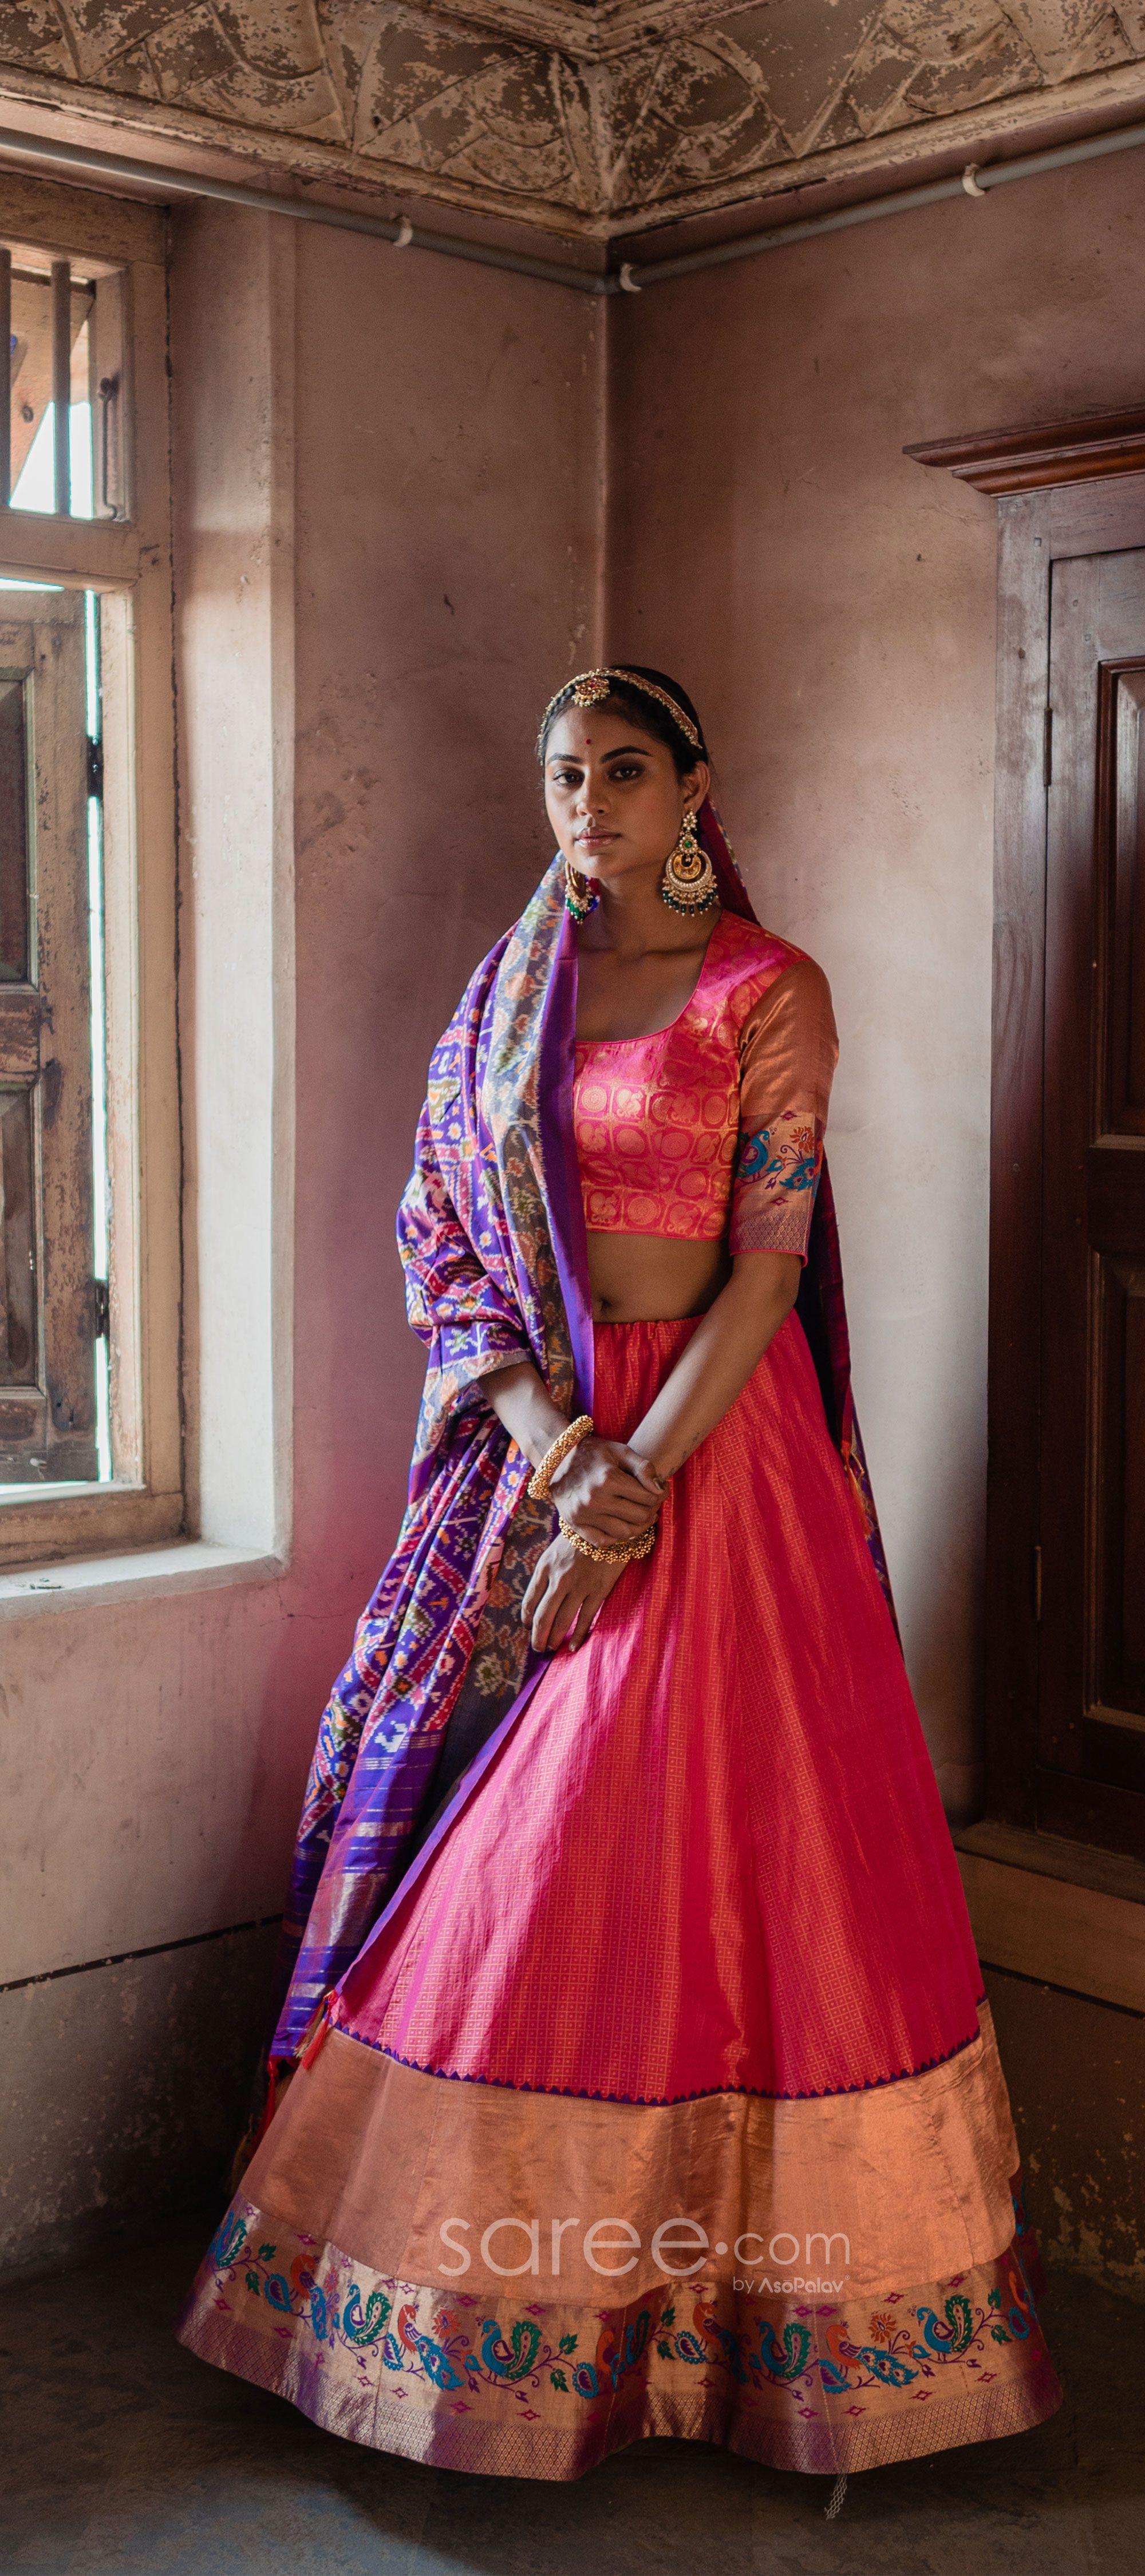 Wedding Party Wear Banarasi Lehenga Choli Lehenga choli Custom made LehengaLehenga With Mirror Stitch Blouse With Heavy Latkan L11